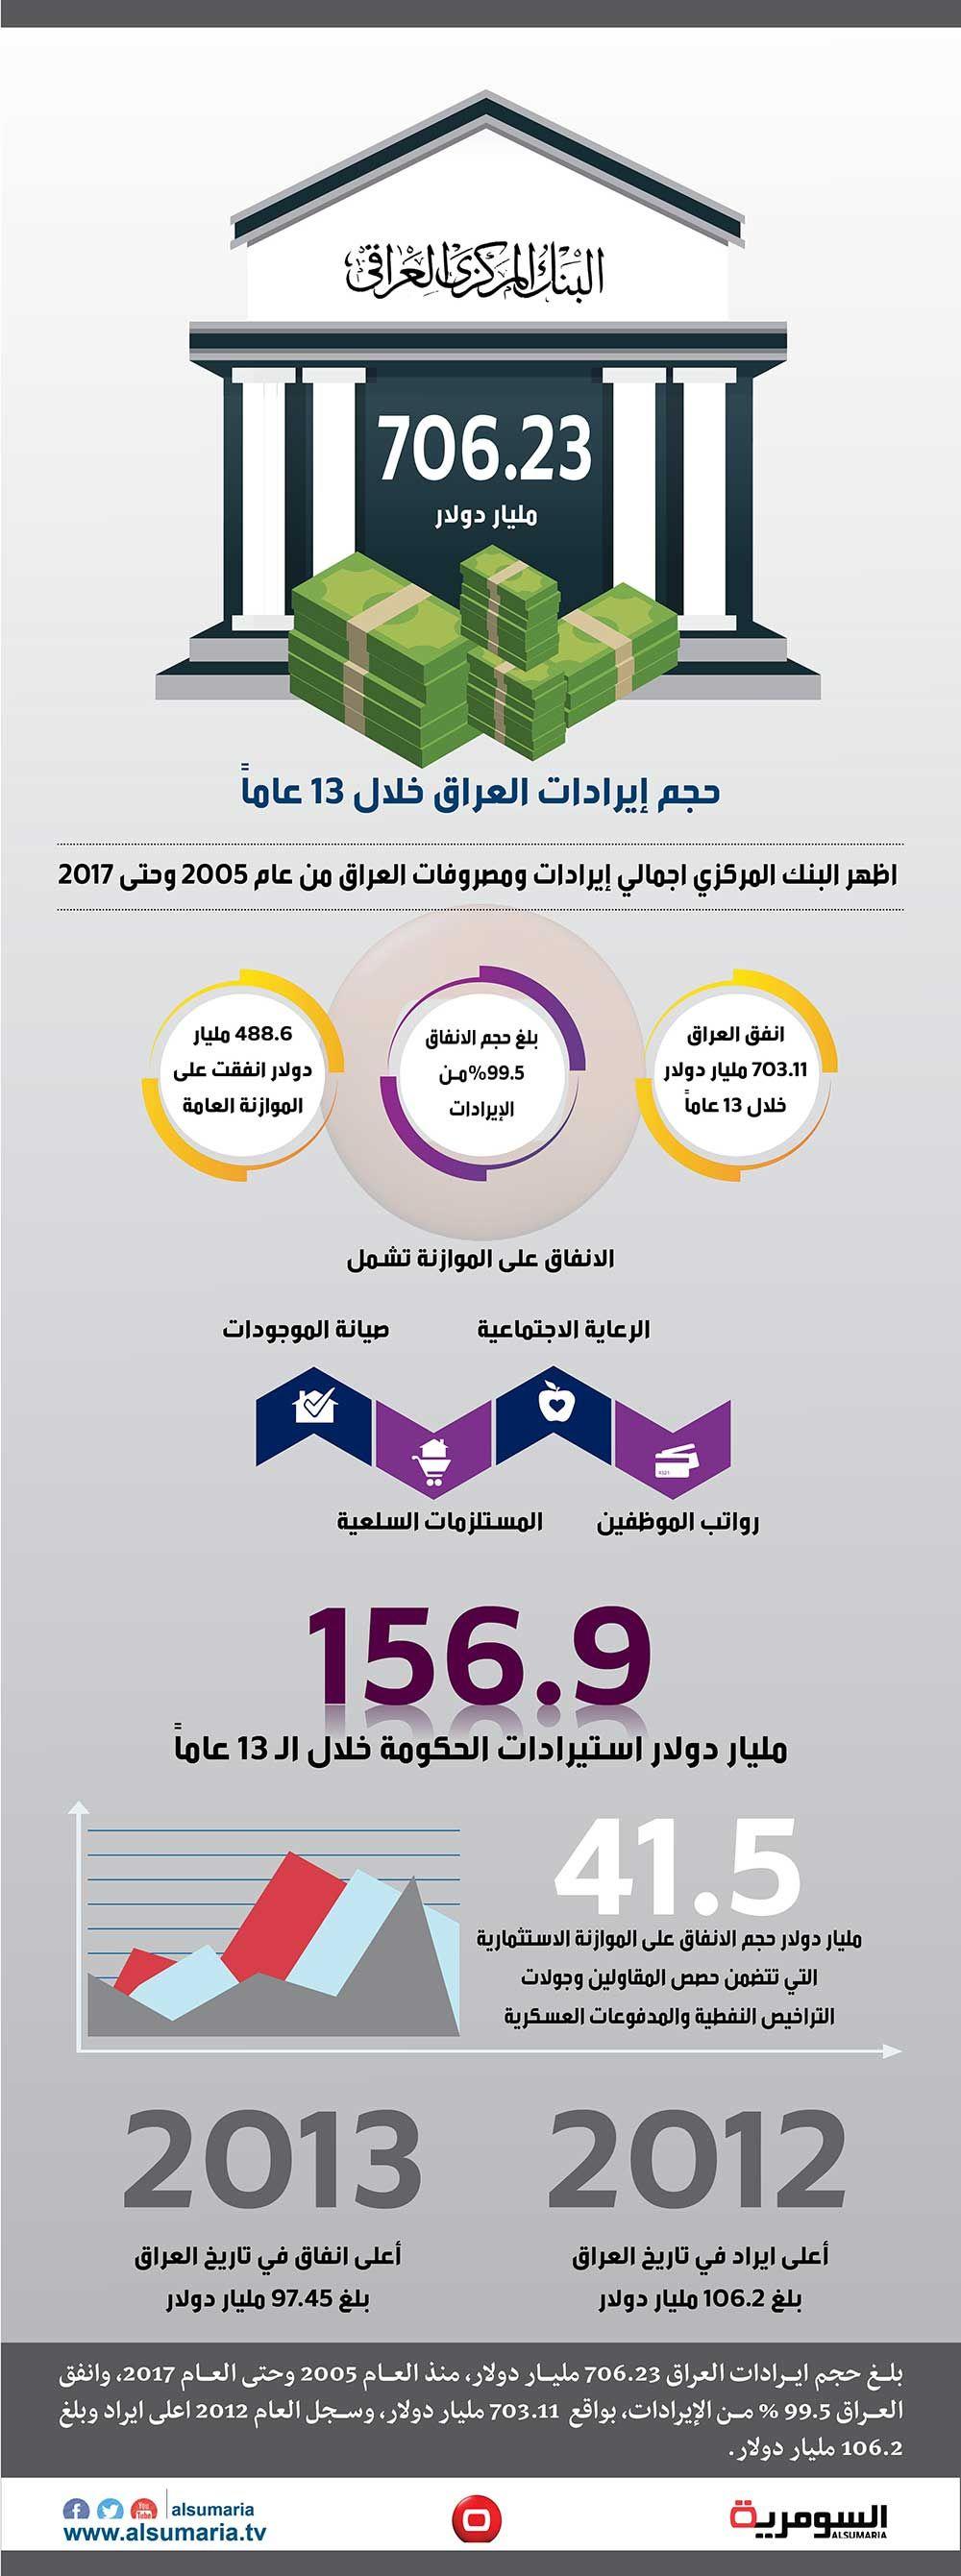 التاريخ الهجري اليوم 1440 والميلادي في السعودية التقويم الرسمي للعام الجديد Hijri Calendar Today Ceramic Art Wall Colors Map